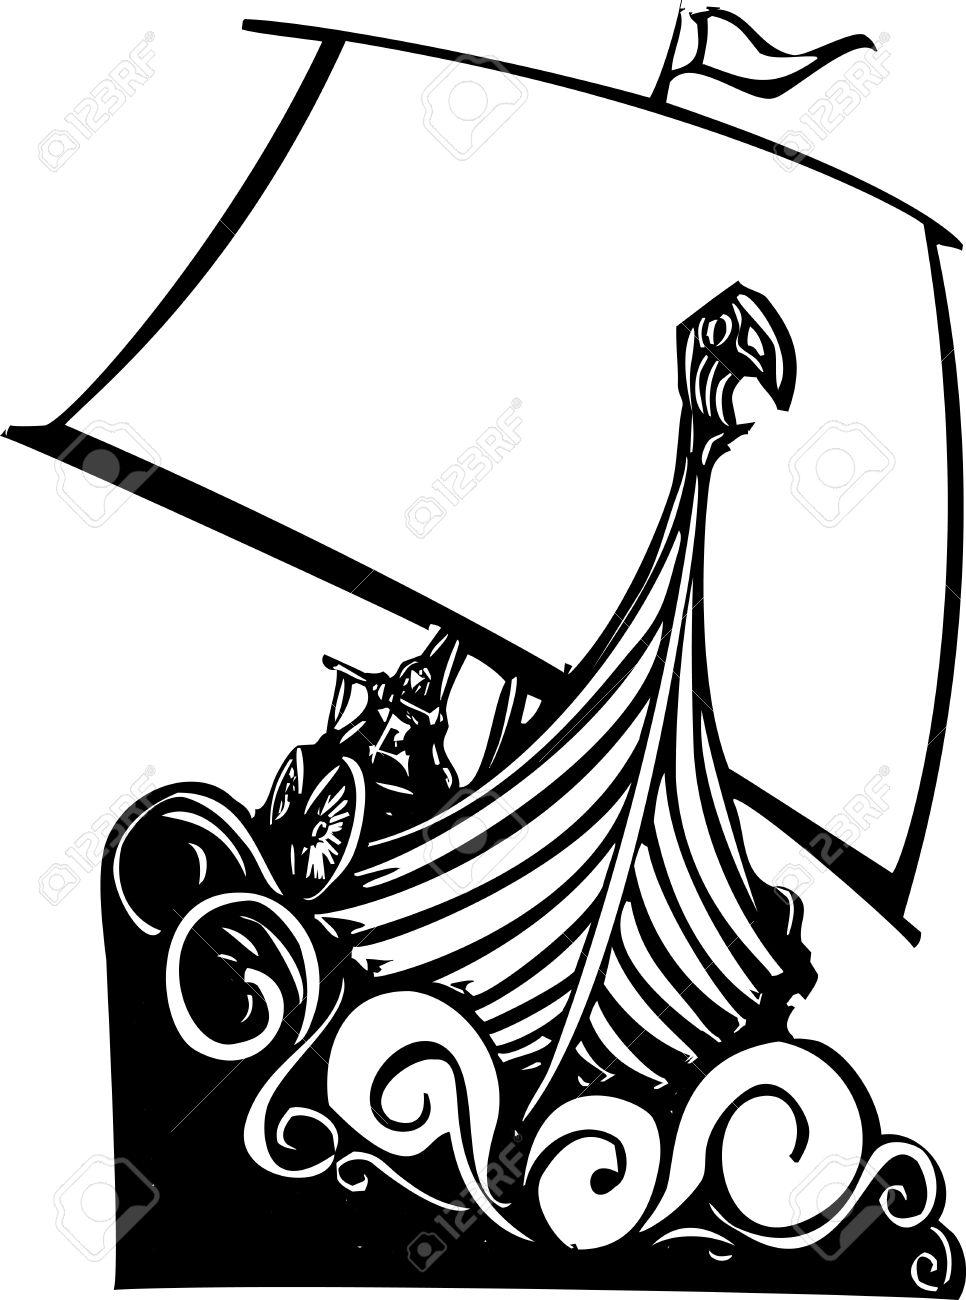 6,826 Viking Cliparts, Stock Vector And Royalty Free Viking.